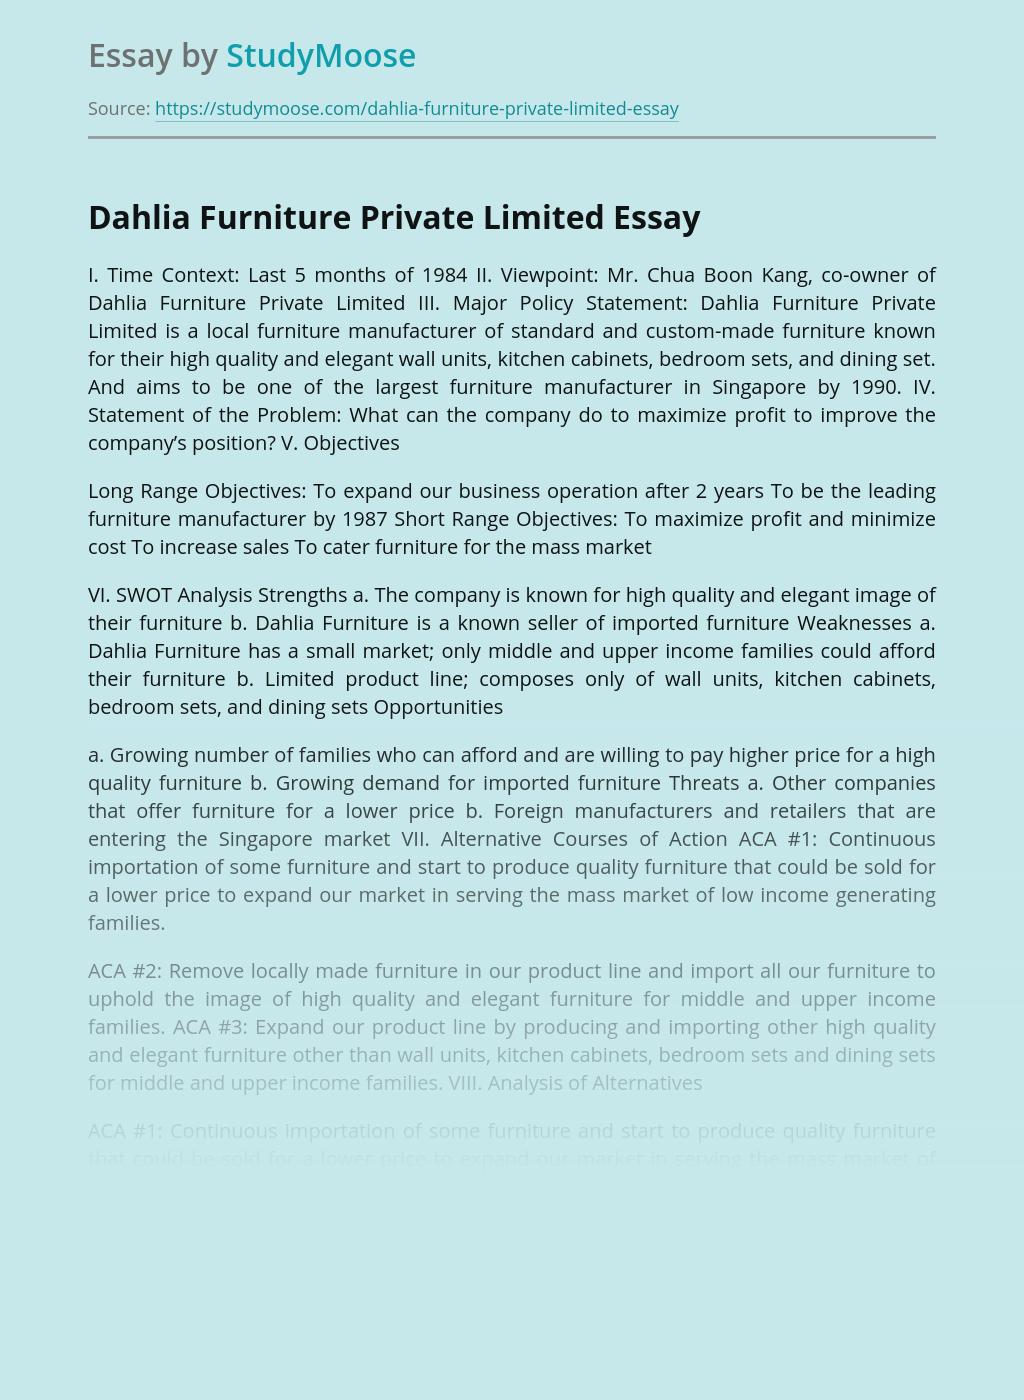 Dahlia Furniture Private Limited